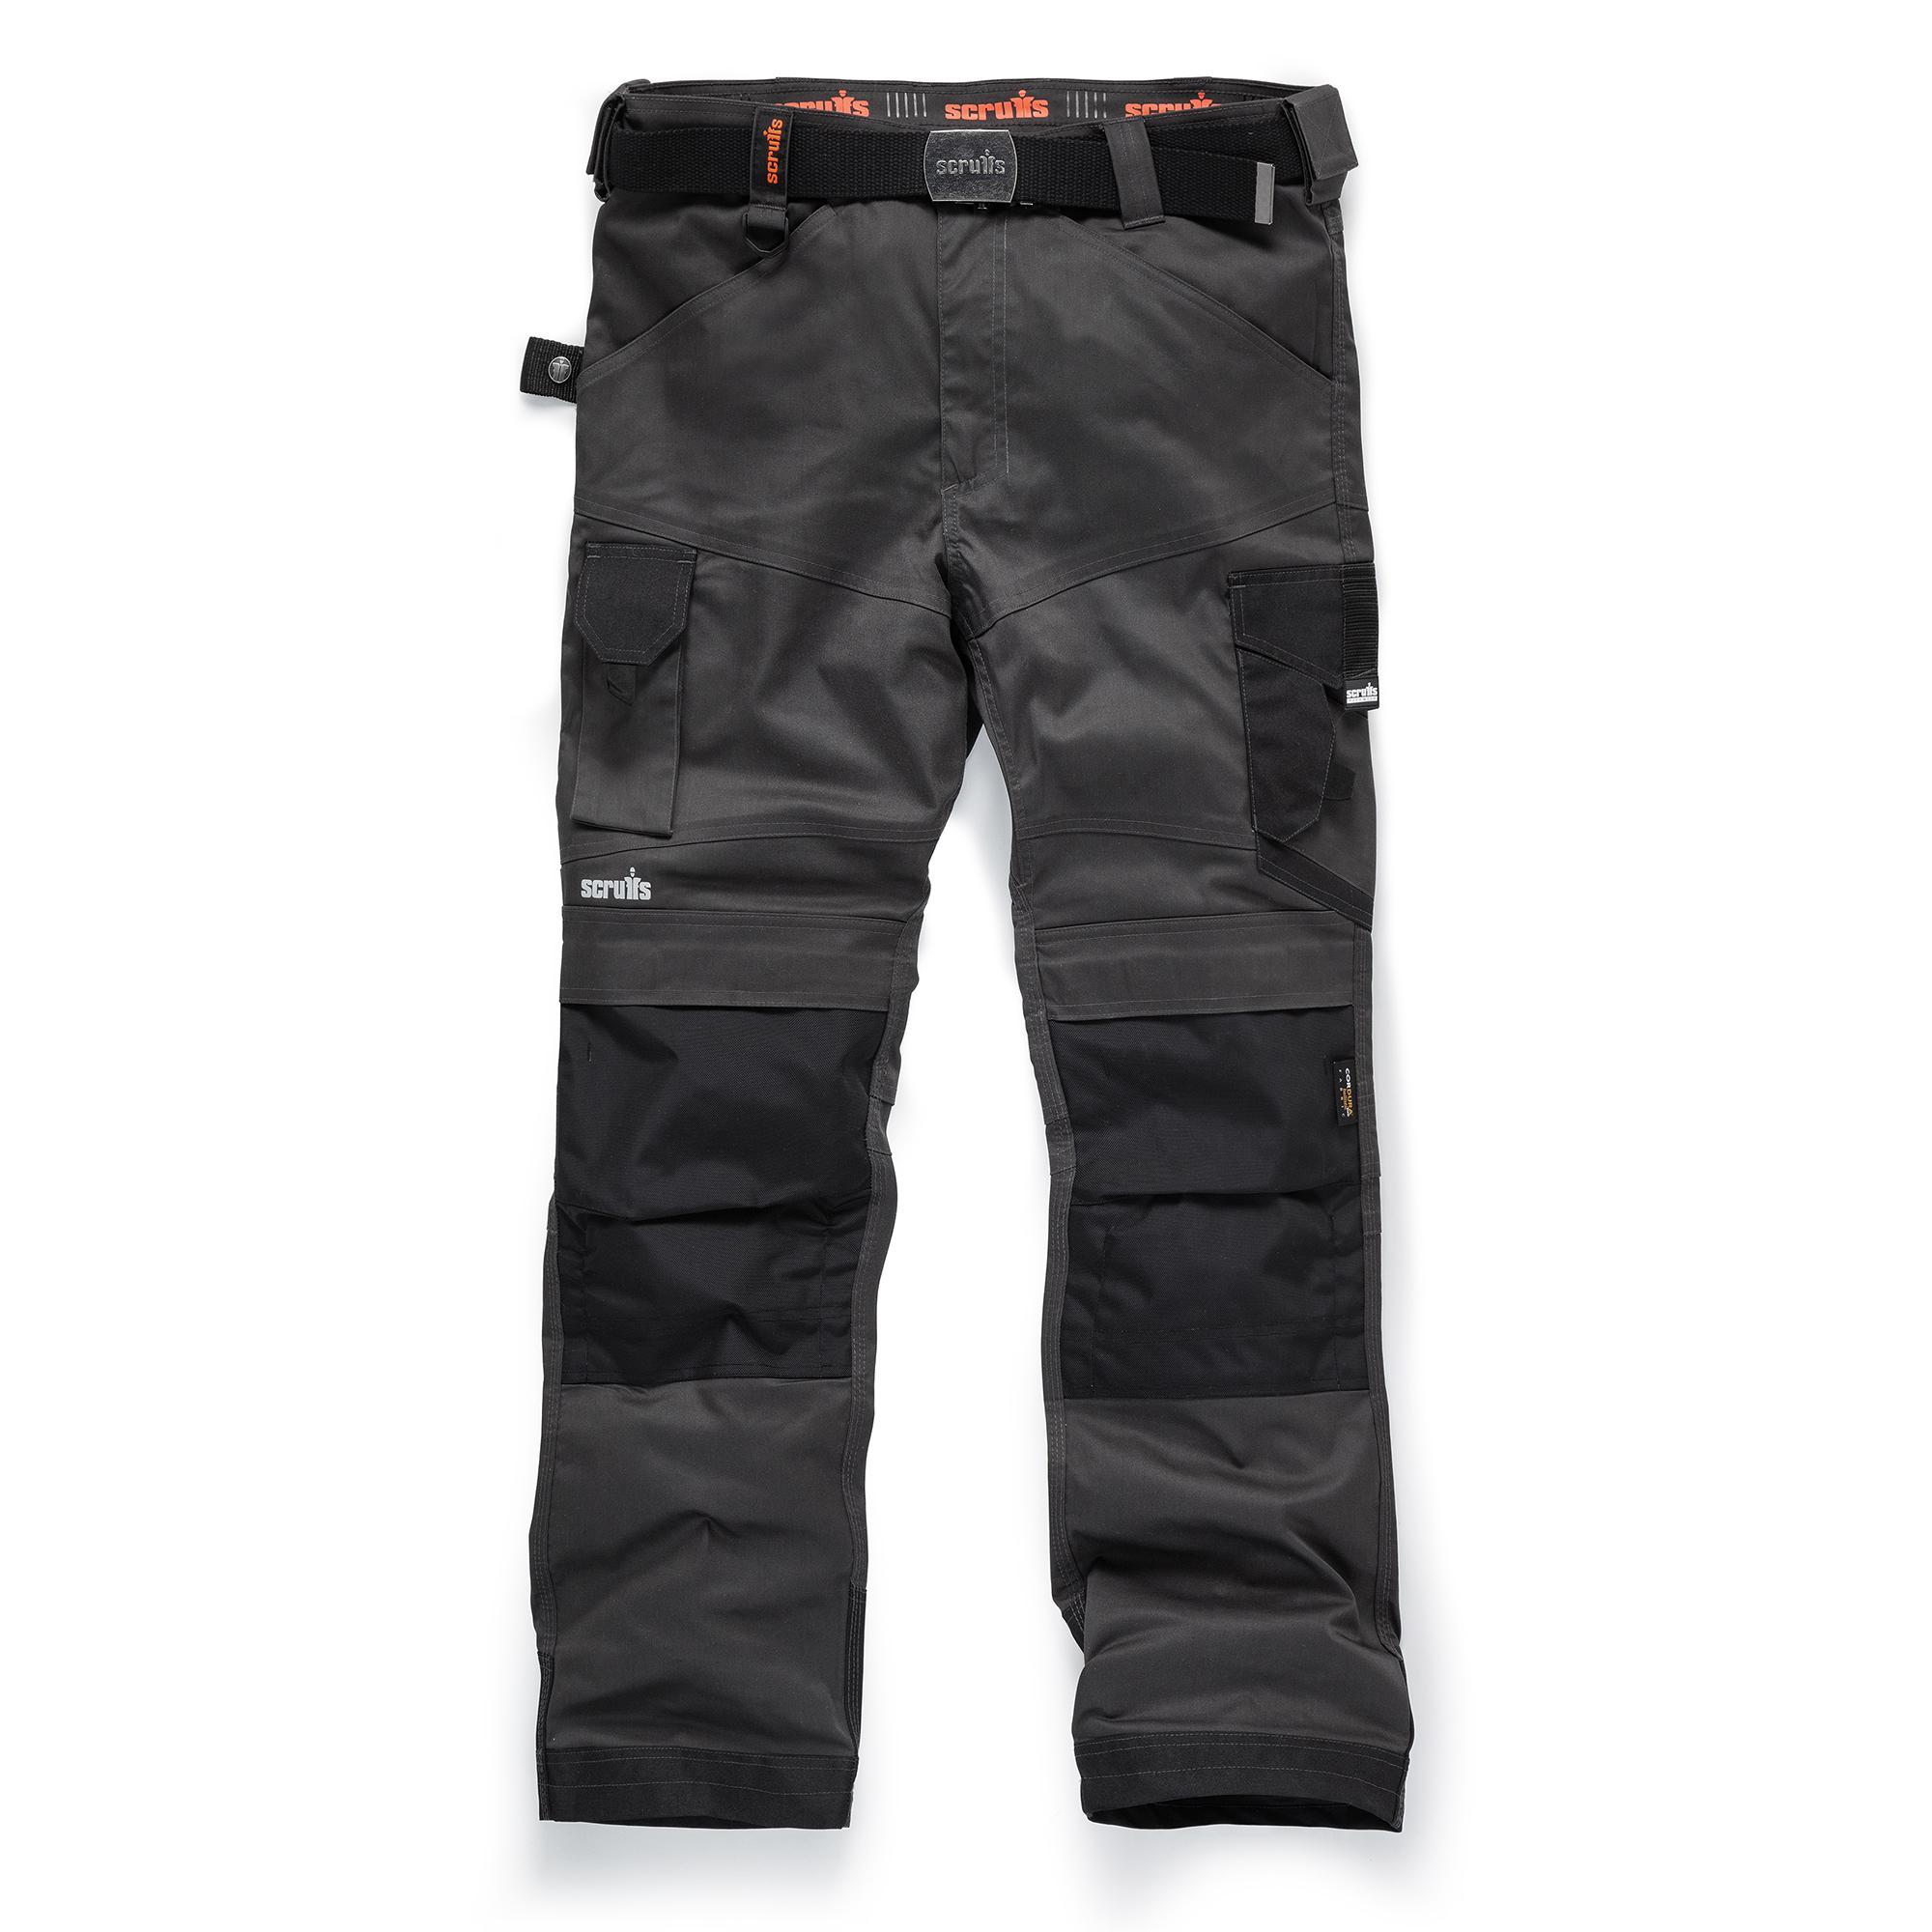 Scruffs Pro Flex Trouser